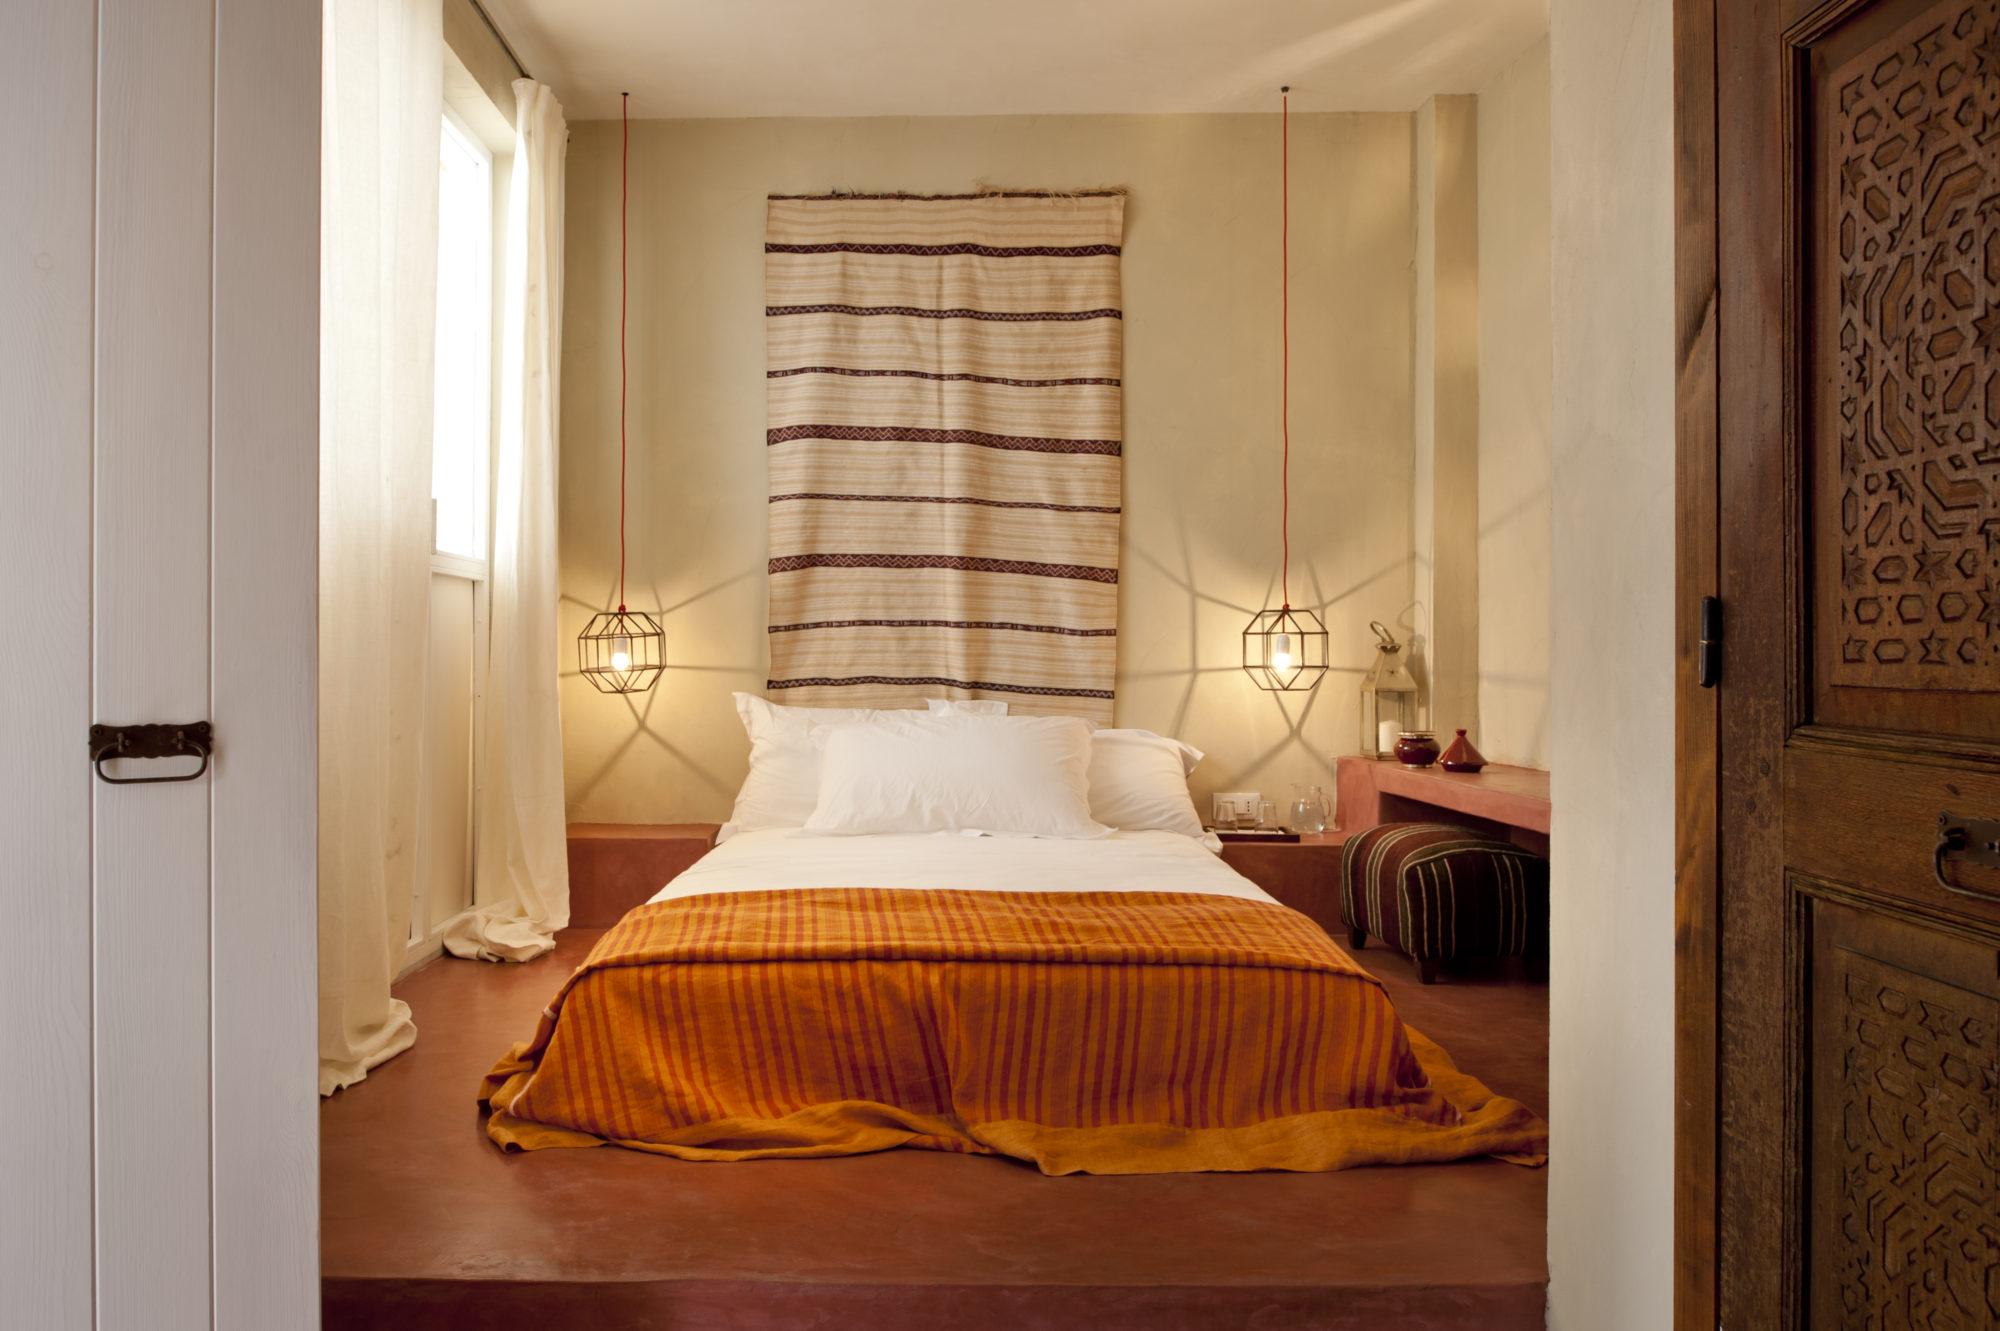 Camera da letto - Fotografo Brescia Ottavio Tomasini